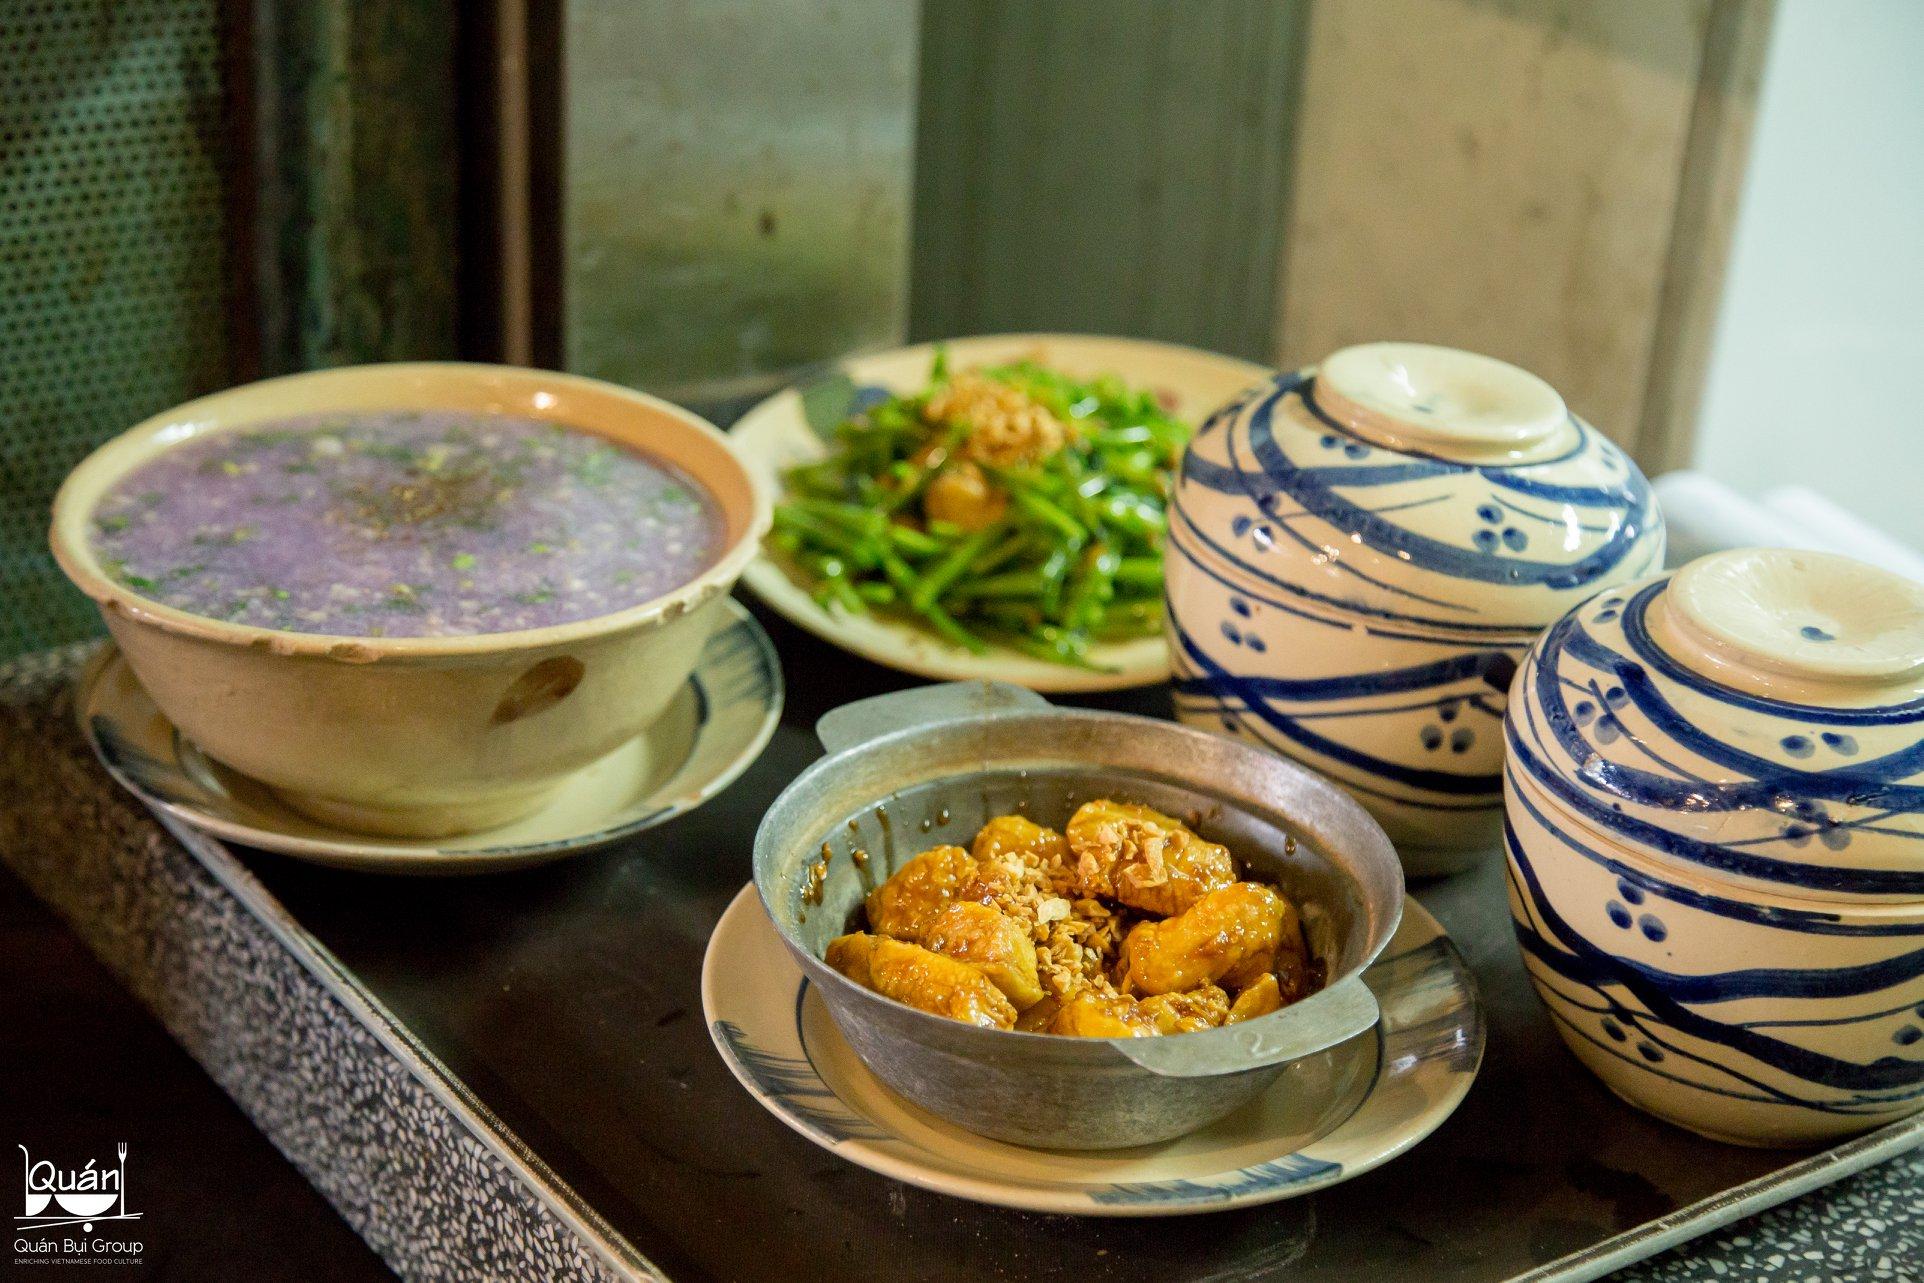 Nhà hàng Quán Bụi 2